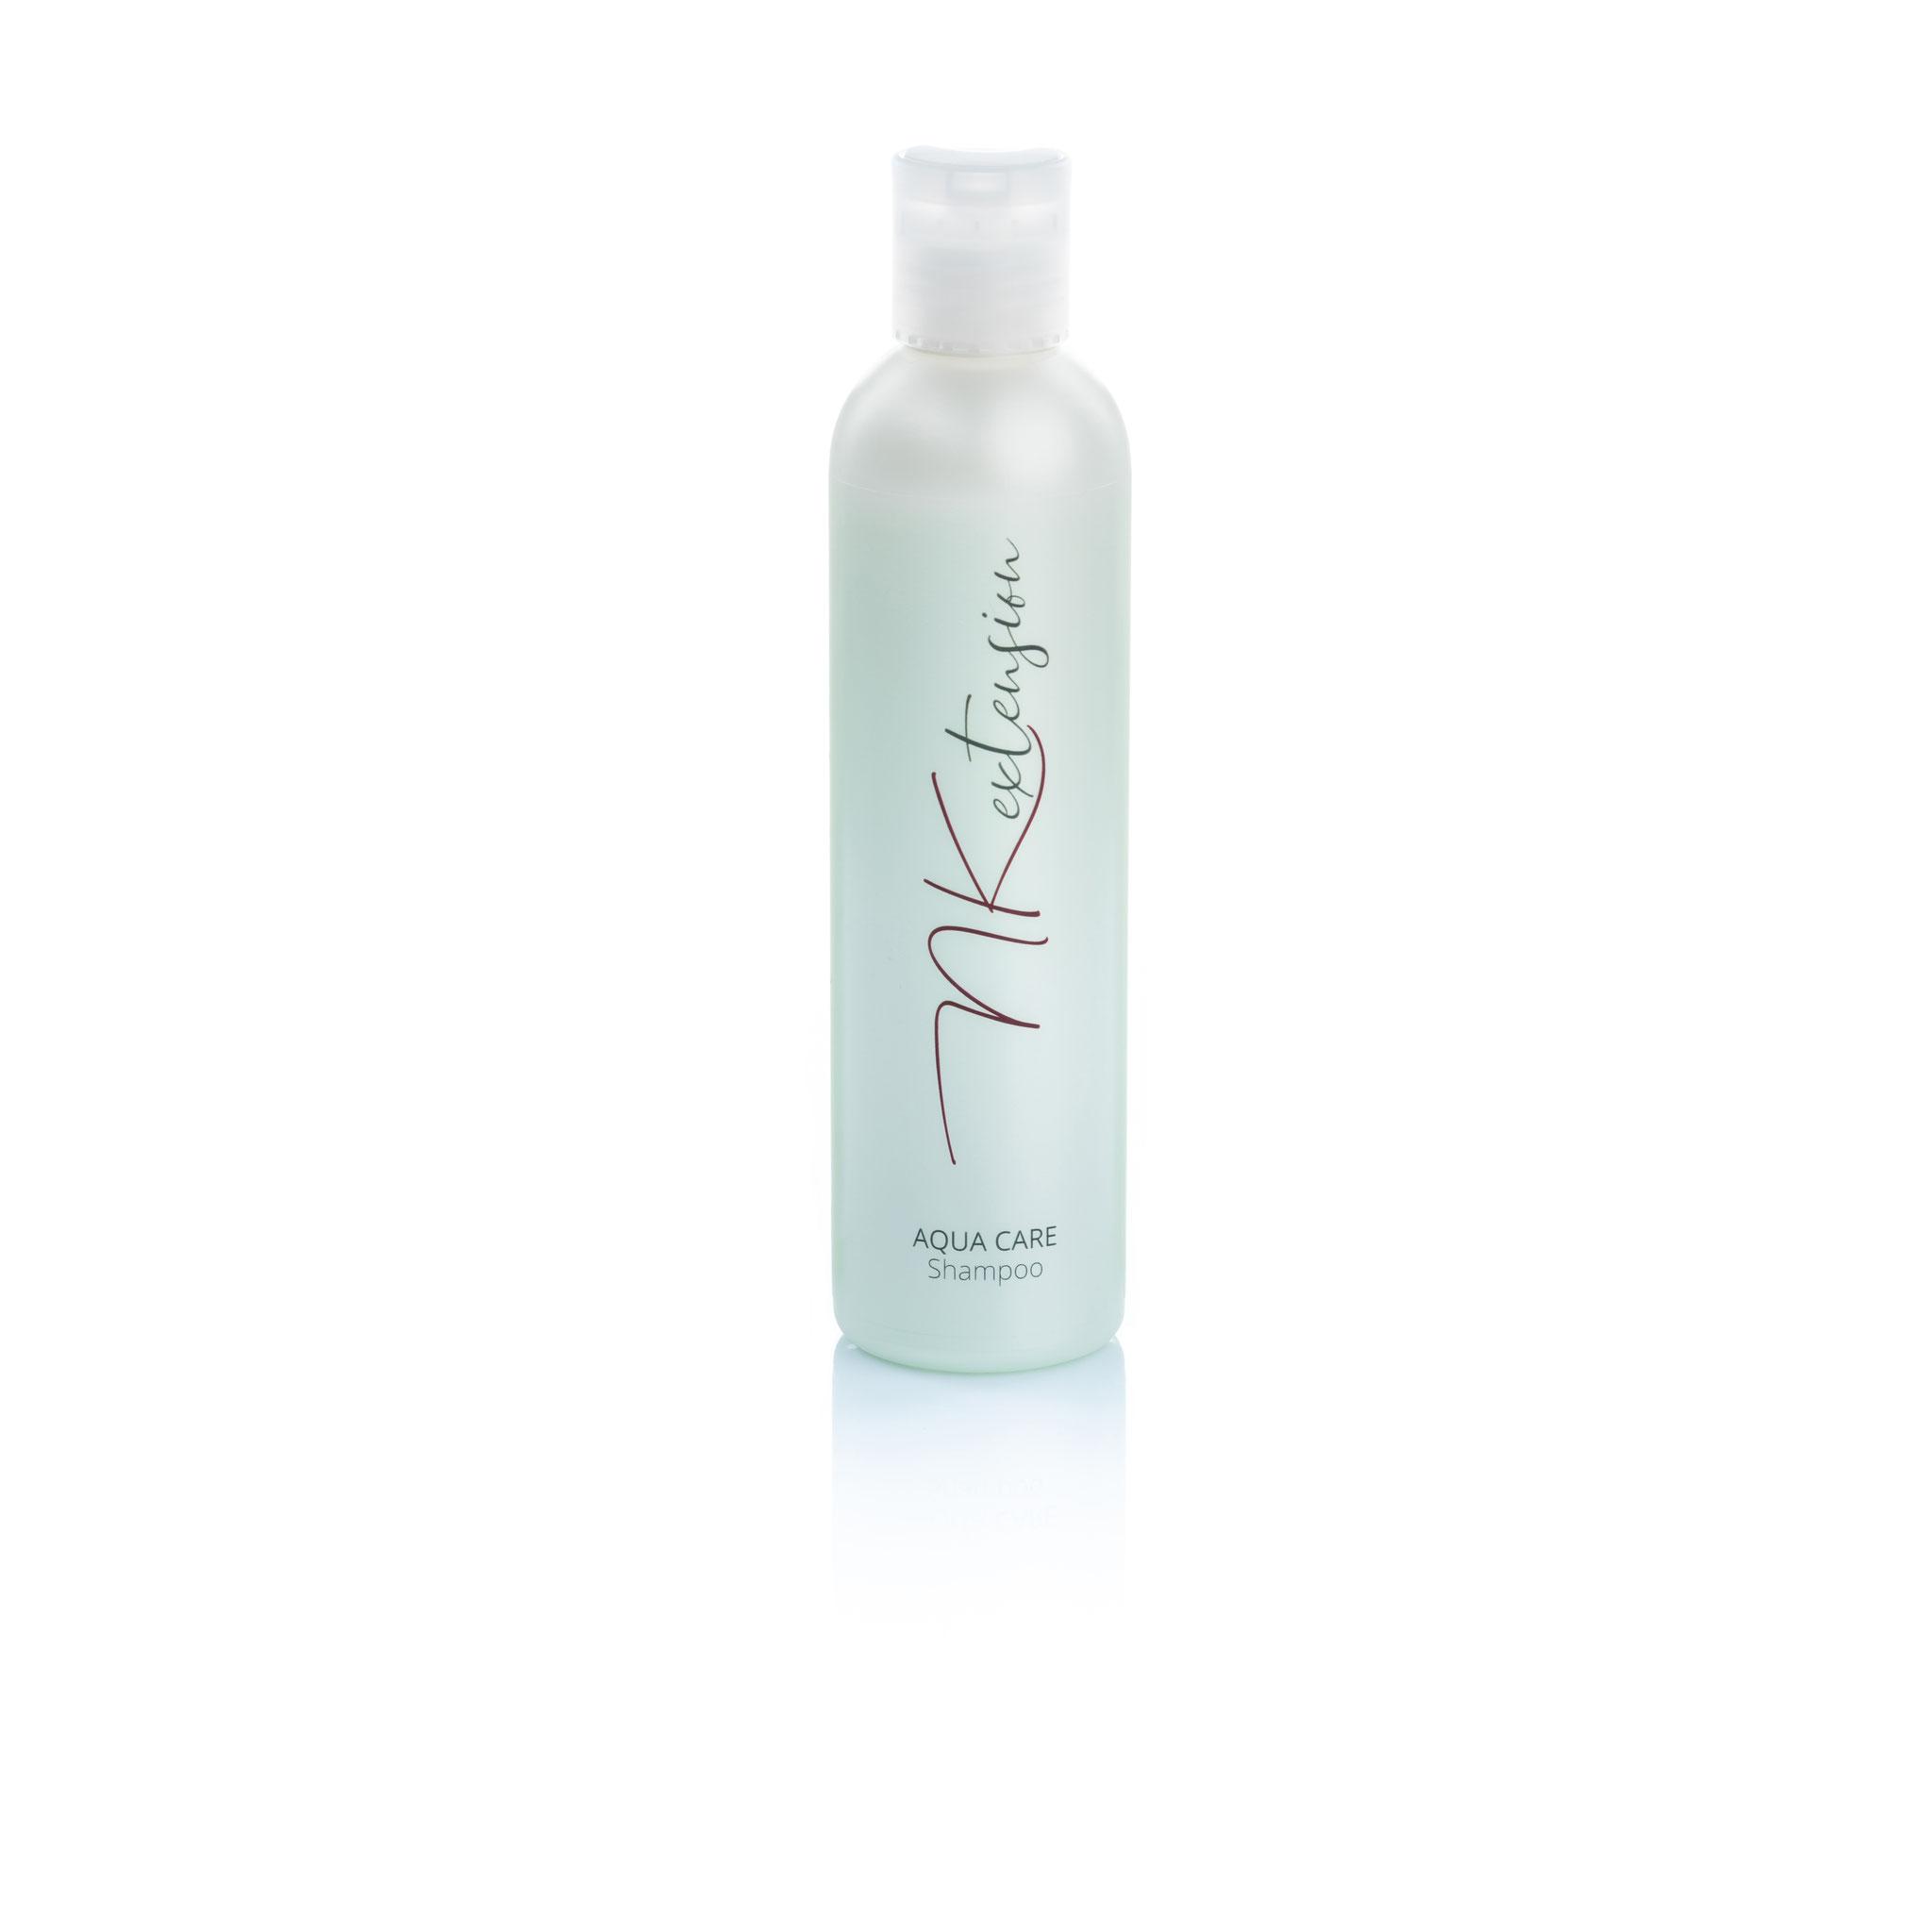 Aqua Care Shampoo 200ml